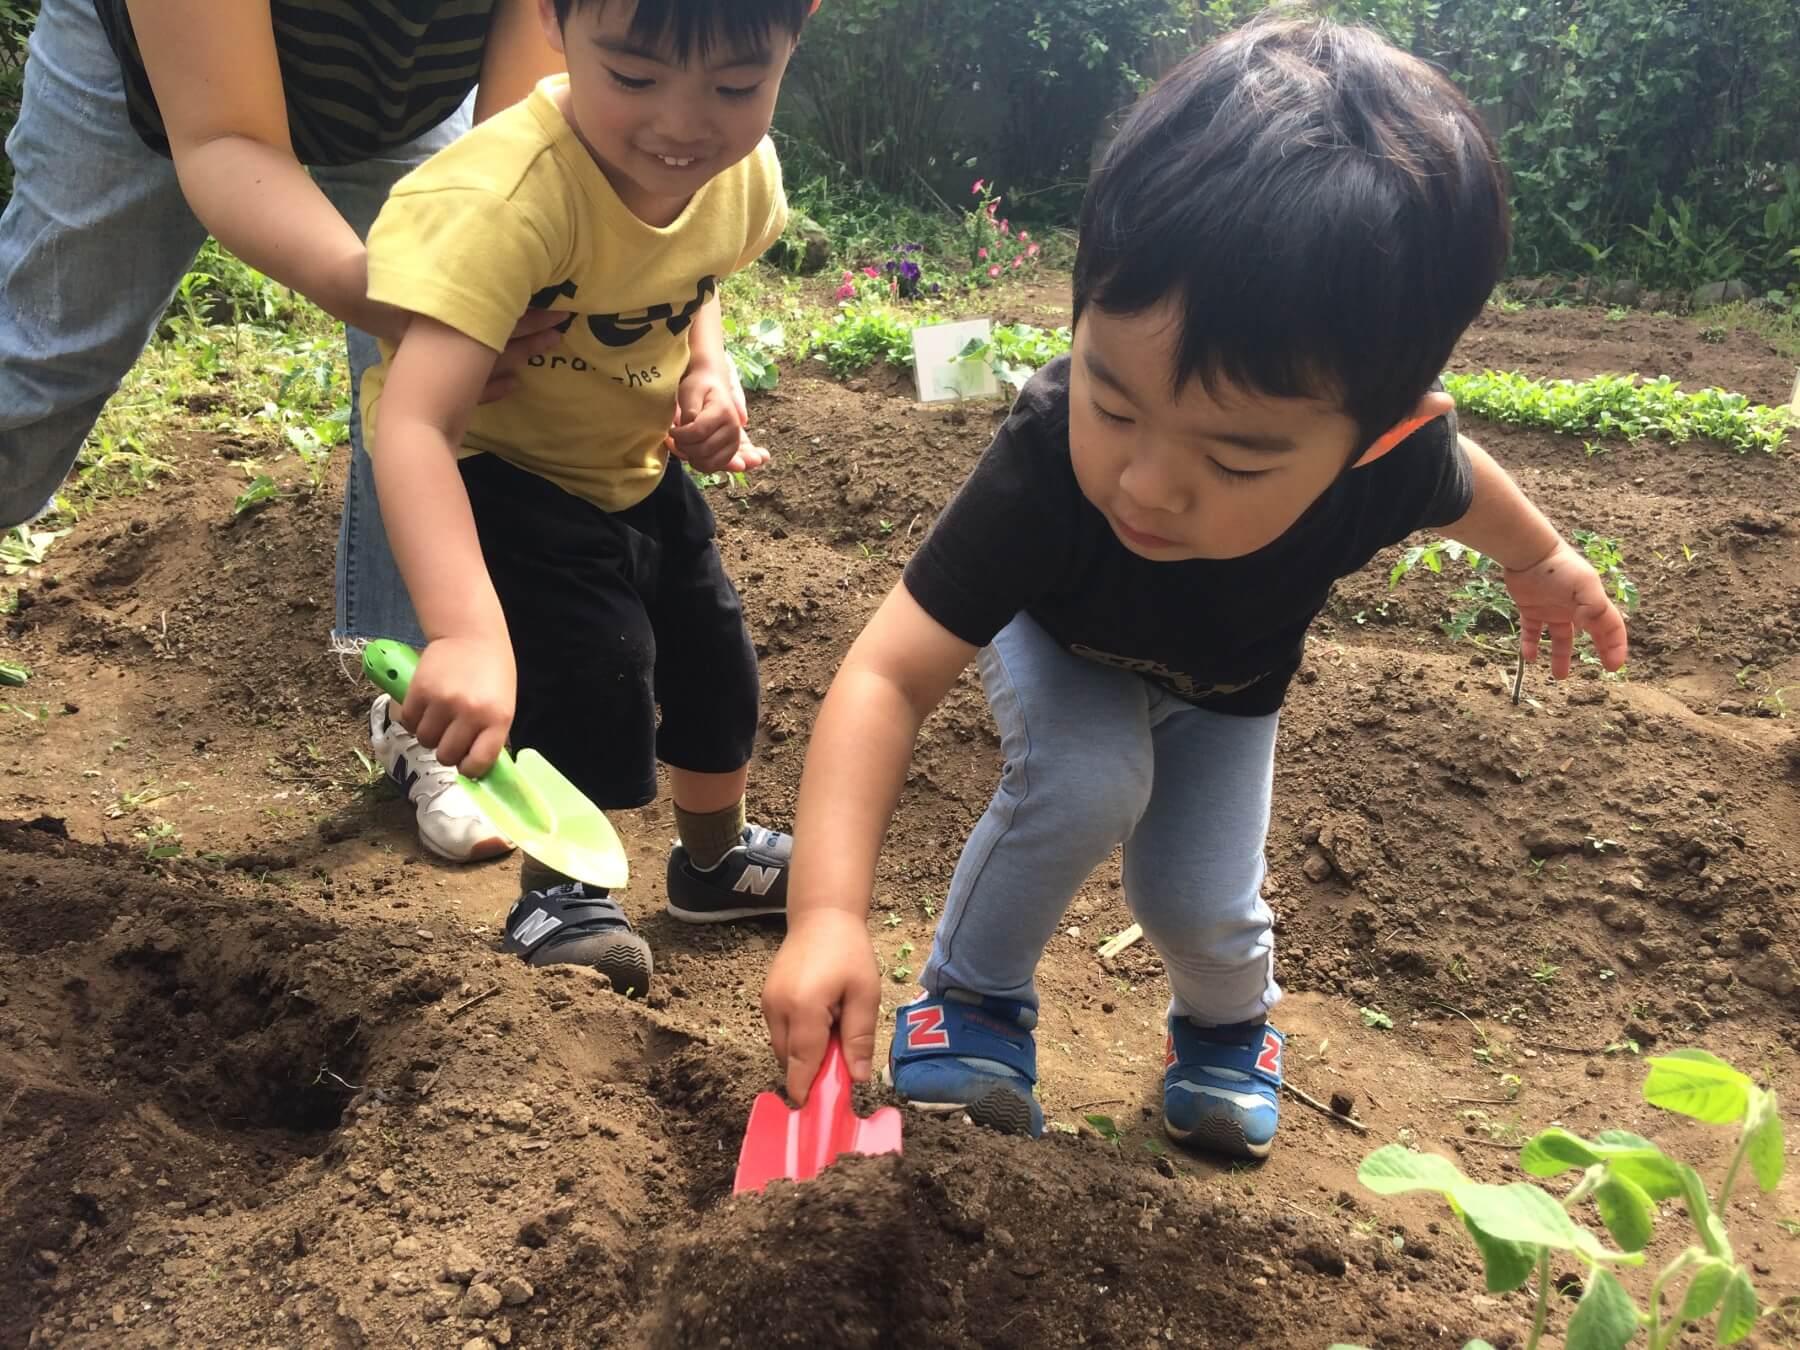 スコップで畑を耕し始める子供達